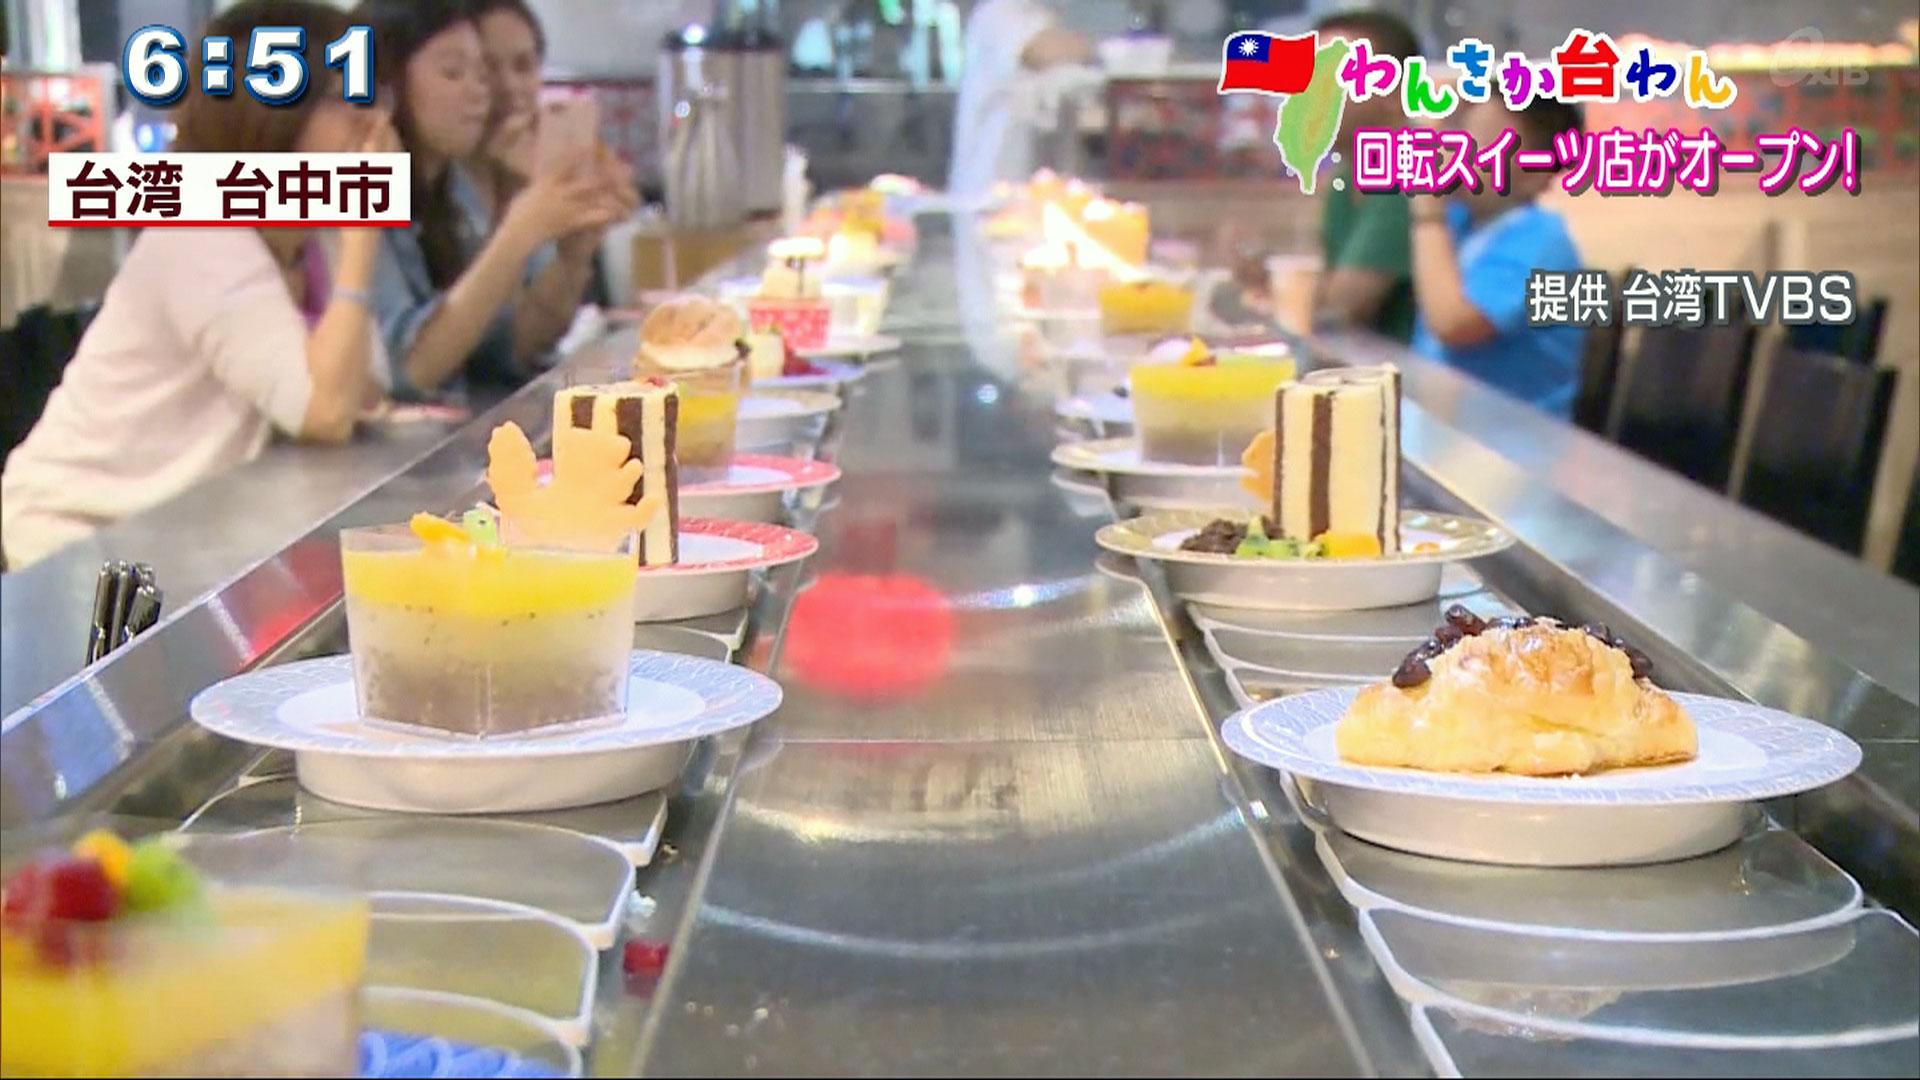 わんさか台湾 台湾のお菓子事情